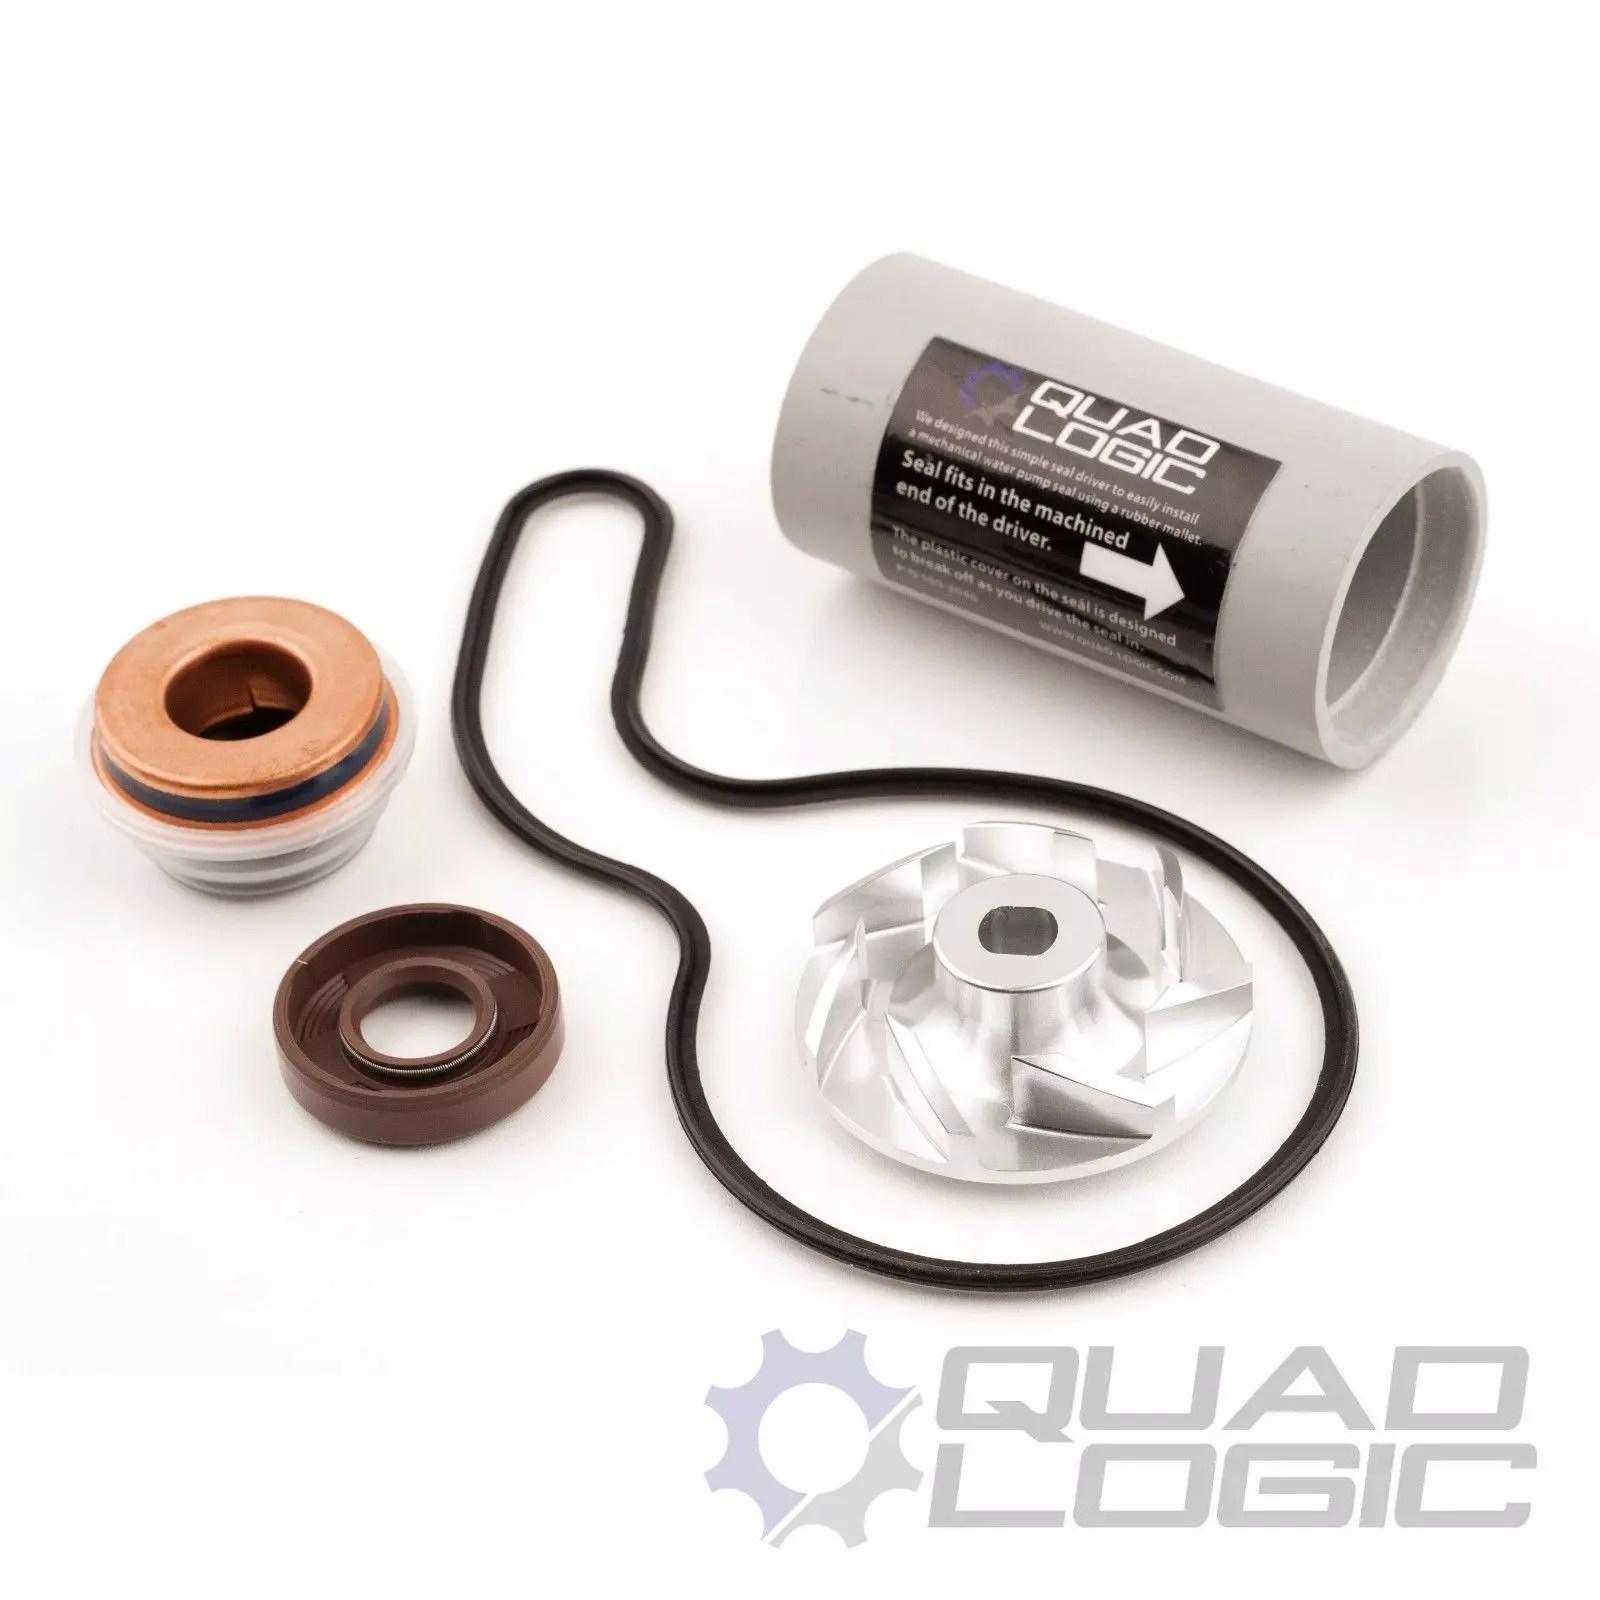 hight resolution of 2002 polari sportsman 700 fuel filter